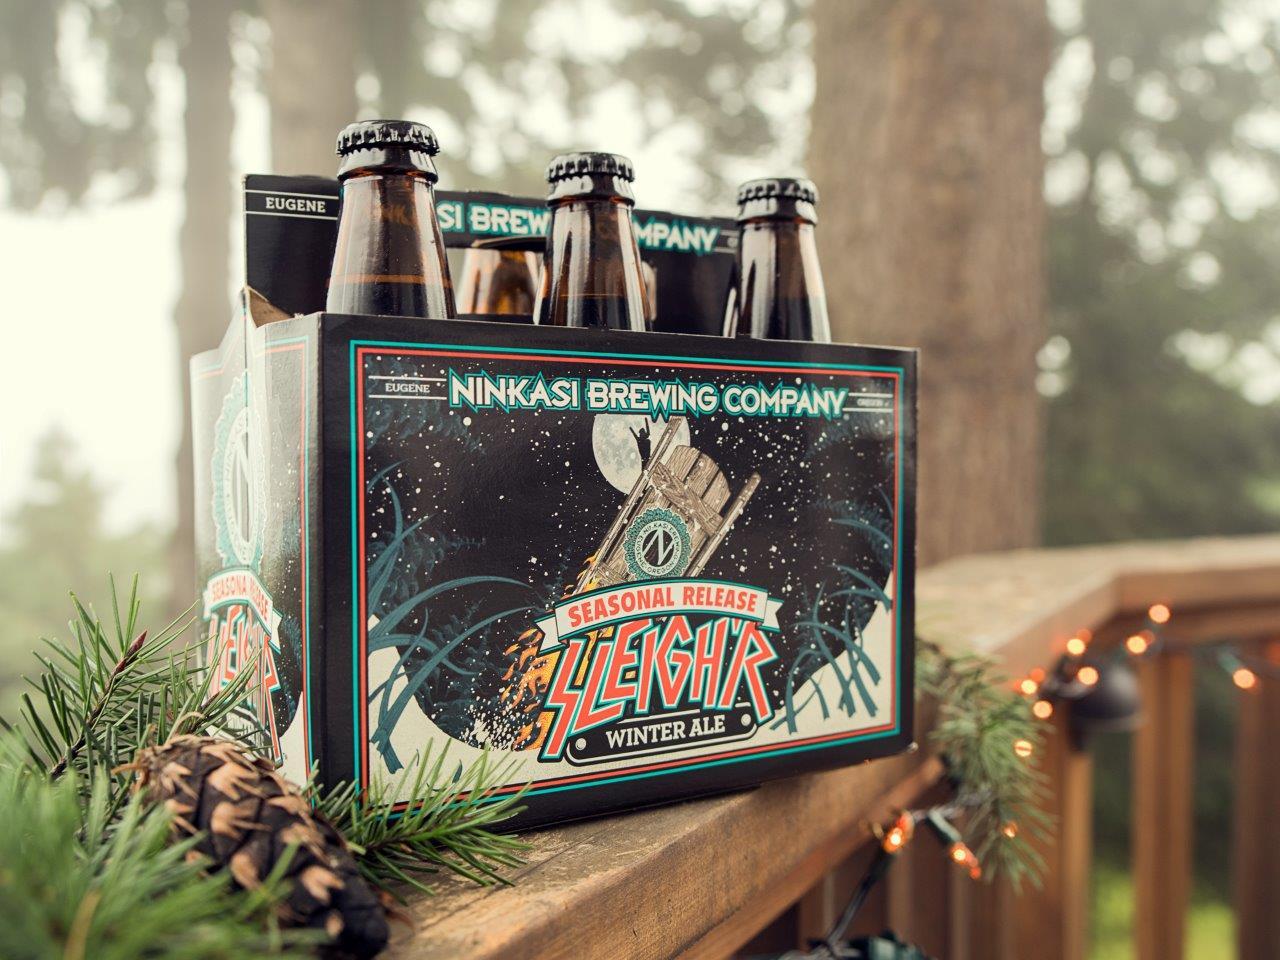 Ninkasi-Brewing_Sleighr_Winter-Ale